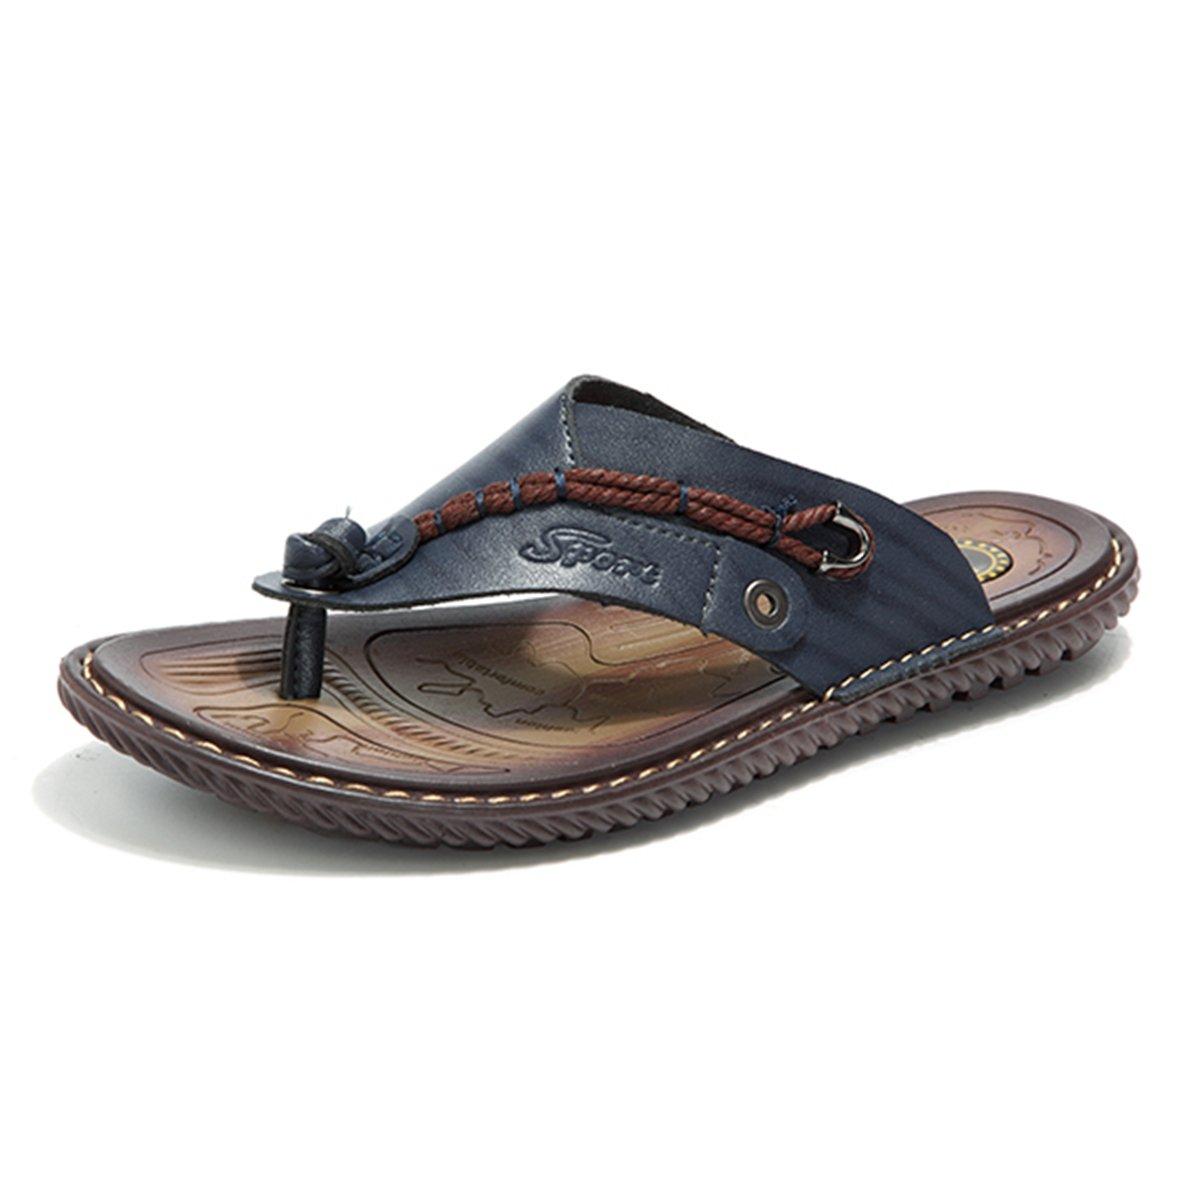 Gracosy Flip Flops, Unisex Zehentrenner Flache Hausschuhe Pantoletten Sommer Schuhe Slippers Weich Anti-Rutsch T-Strap Sandalen fuuml;r Herren Damenr  44 EU|Blau Uk-lager